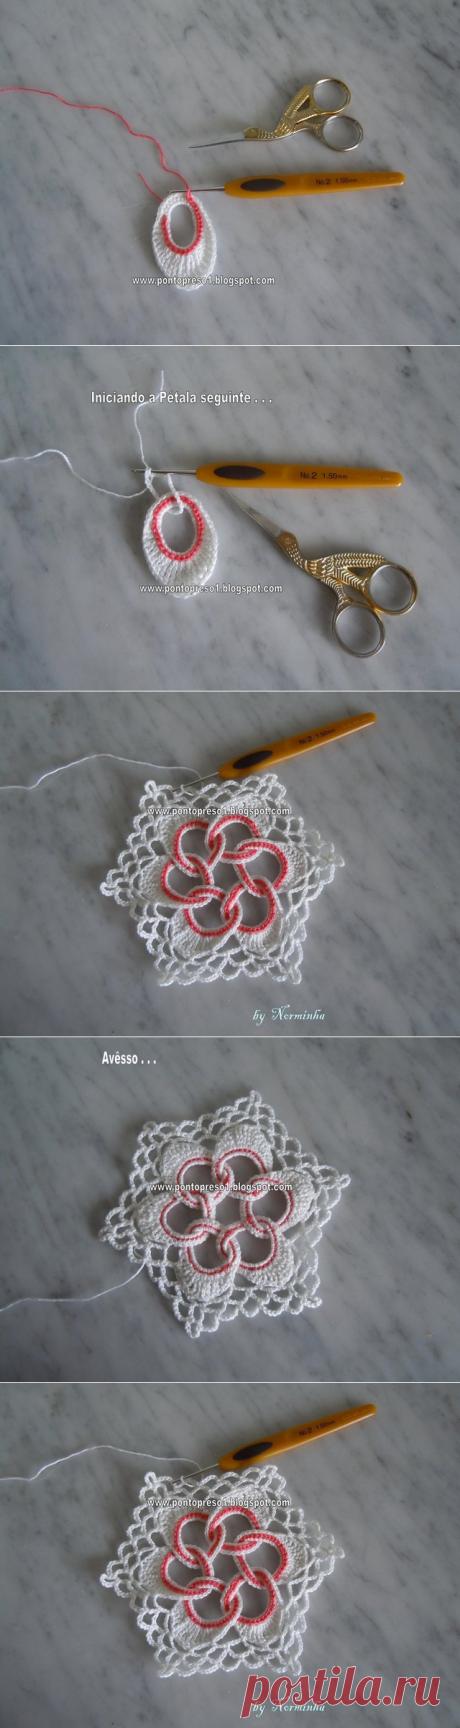 Вязание крючком. Очень красивый элемент крючком. Мастер-класс. | razpetelka.ru